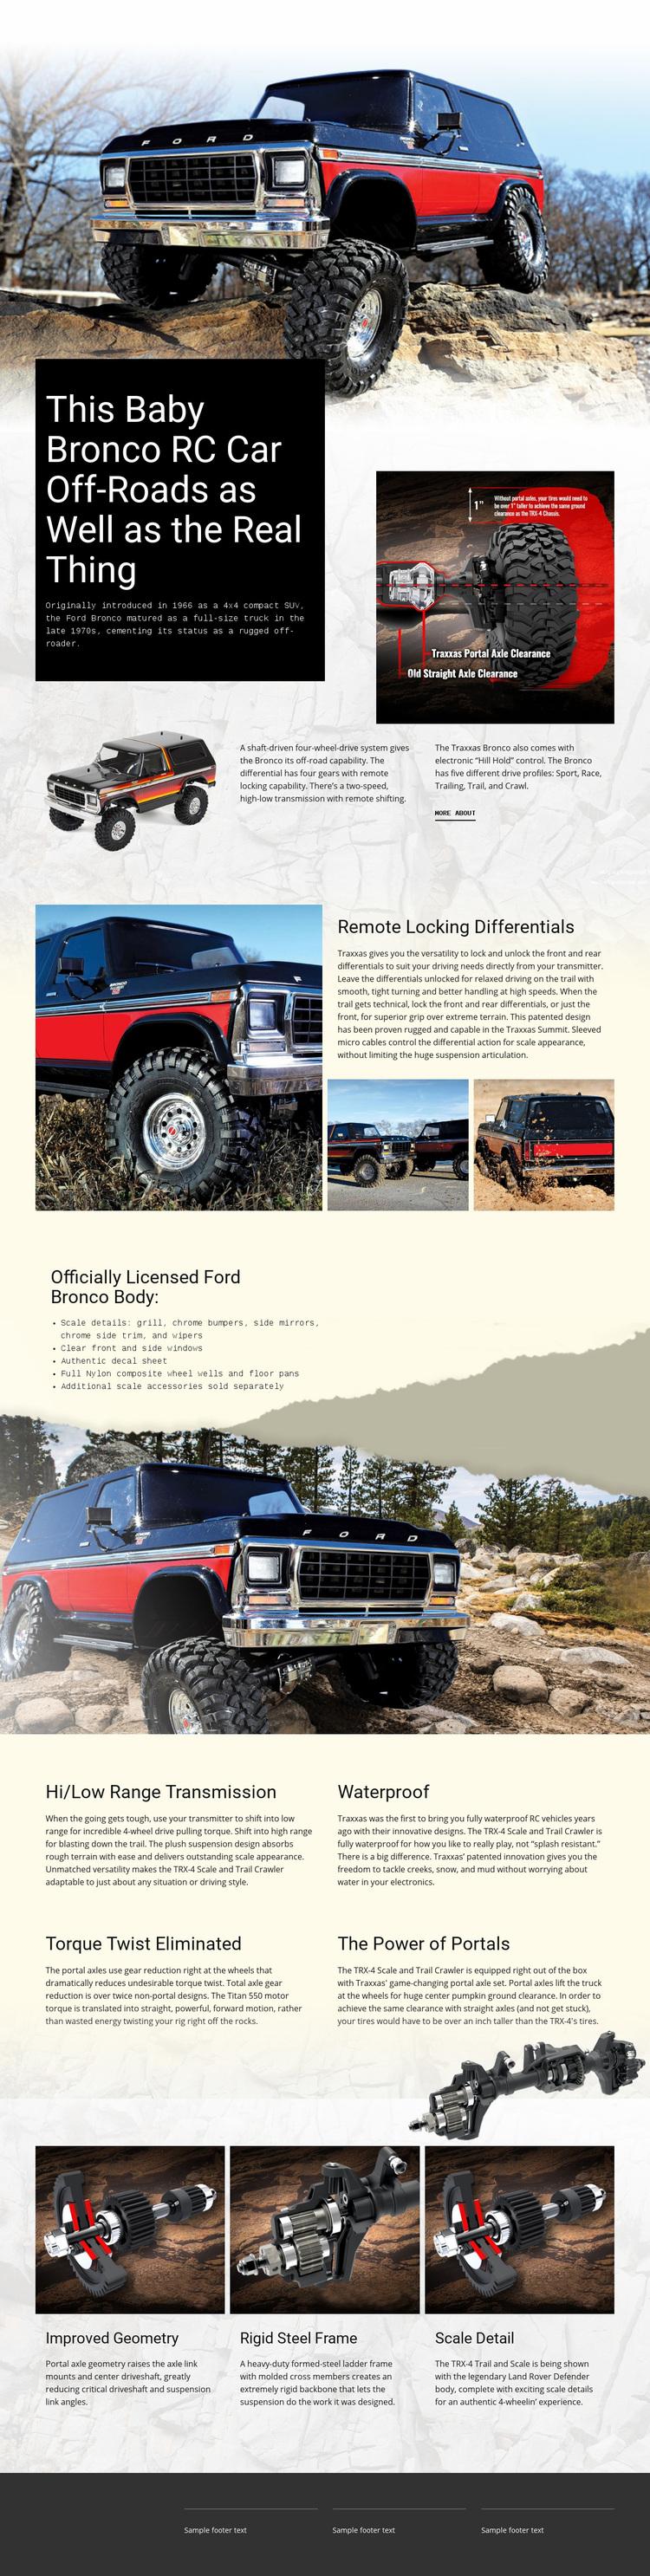 Bronco Rc Car Web Page Designer